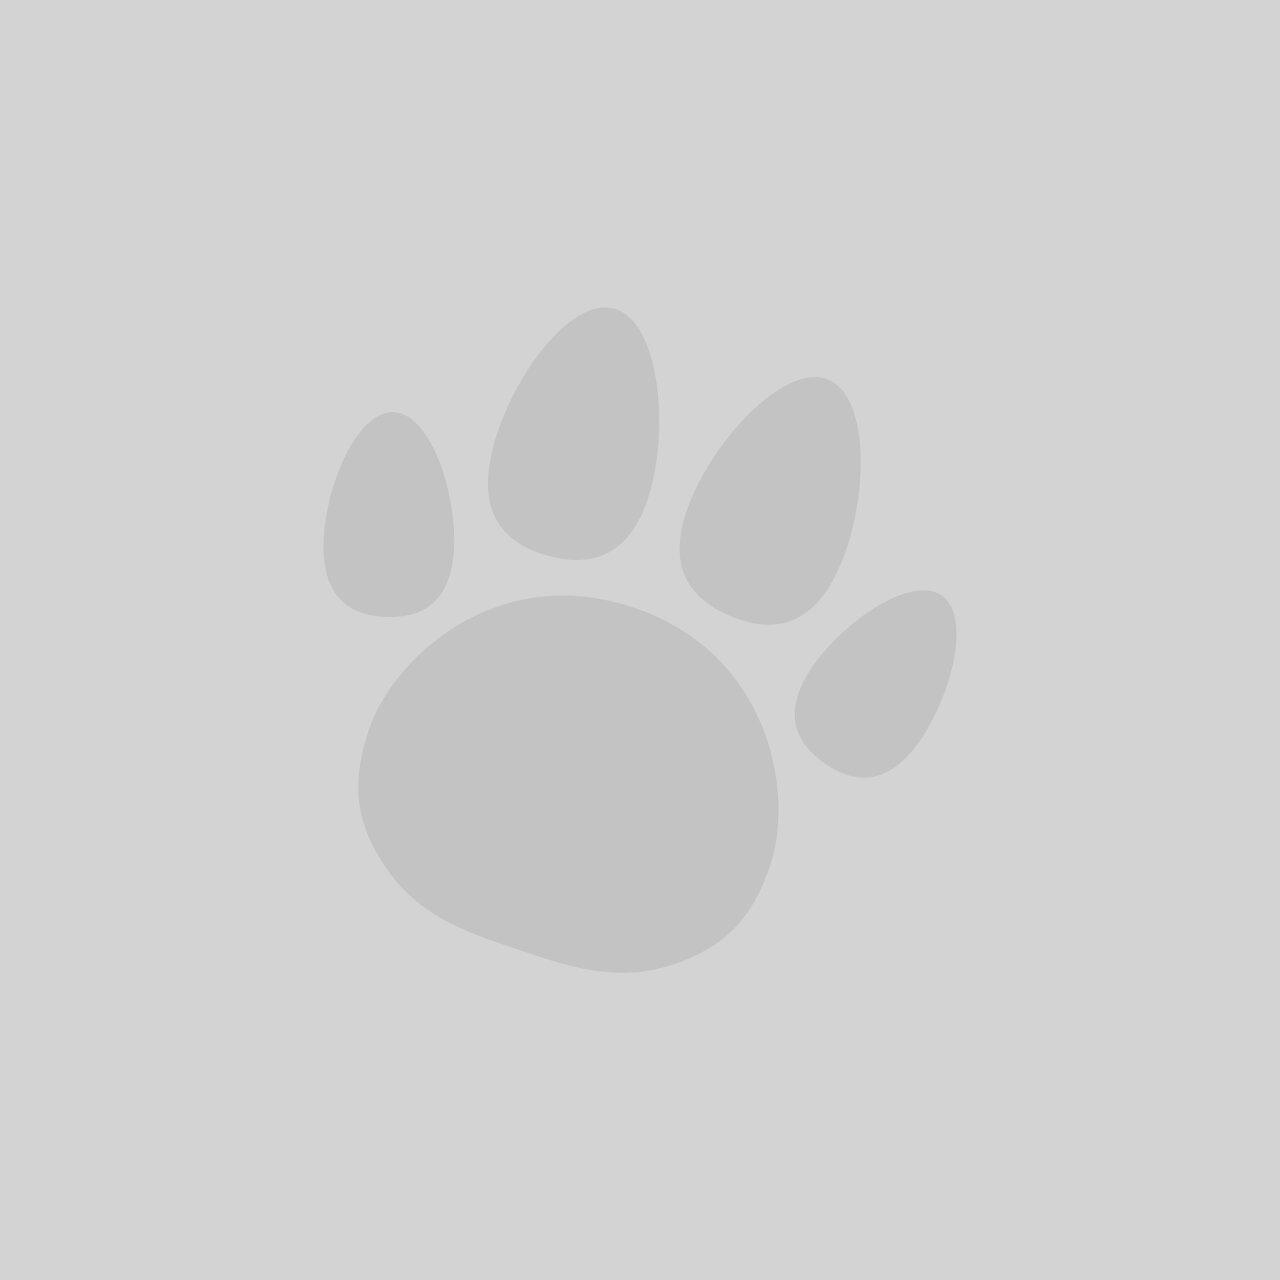 House of Paws Plush Pheasant Small